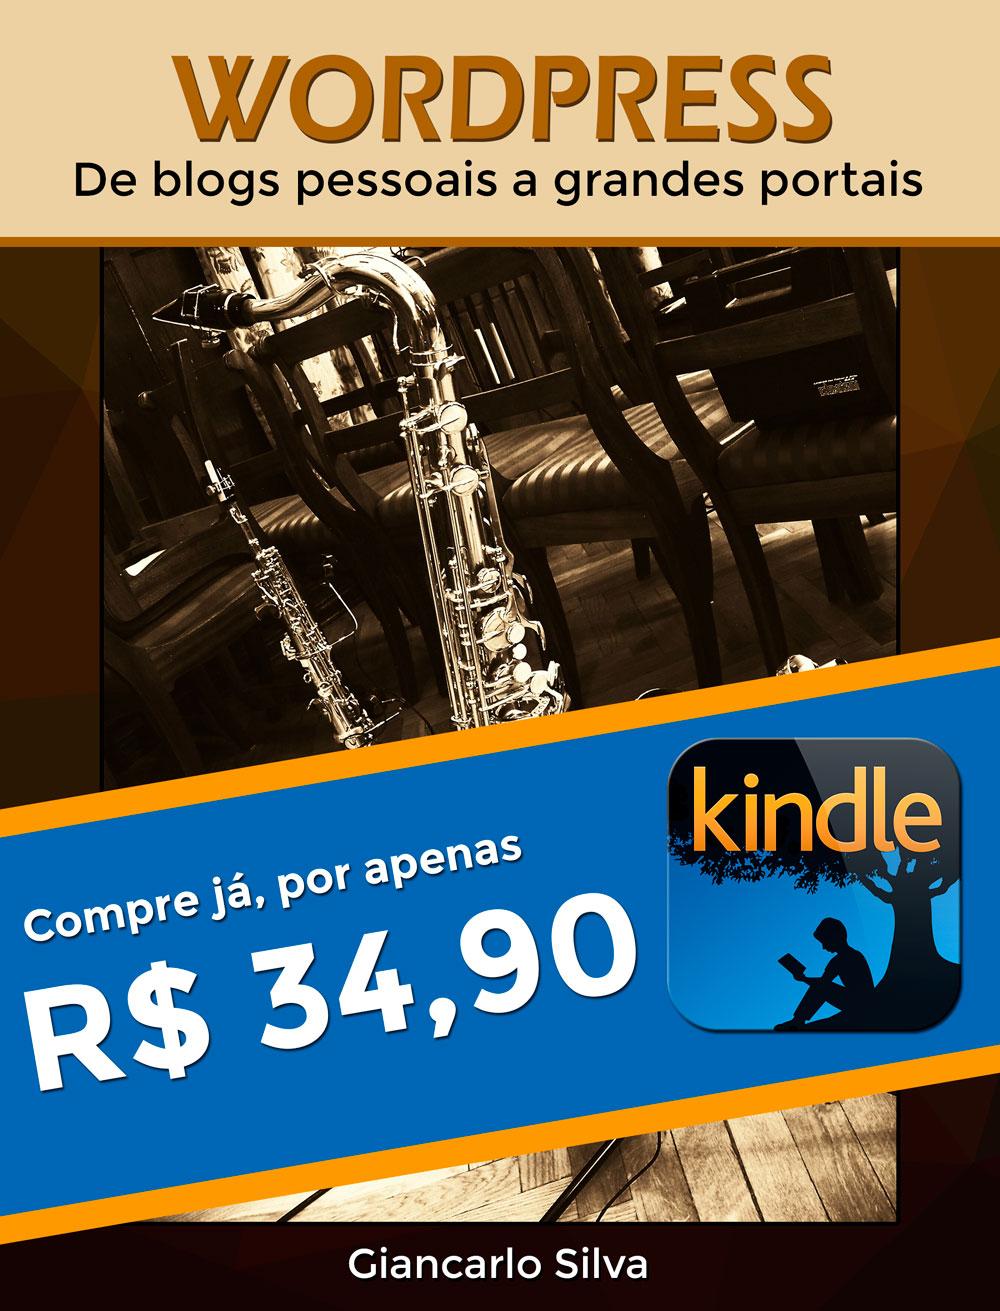 Compre o meu livro WordPress: de blogs pessoais a grandes portais, por apenas R$ 34,90!